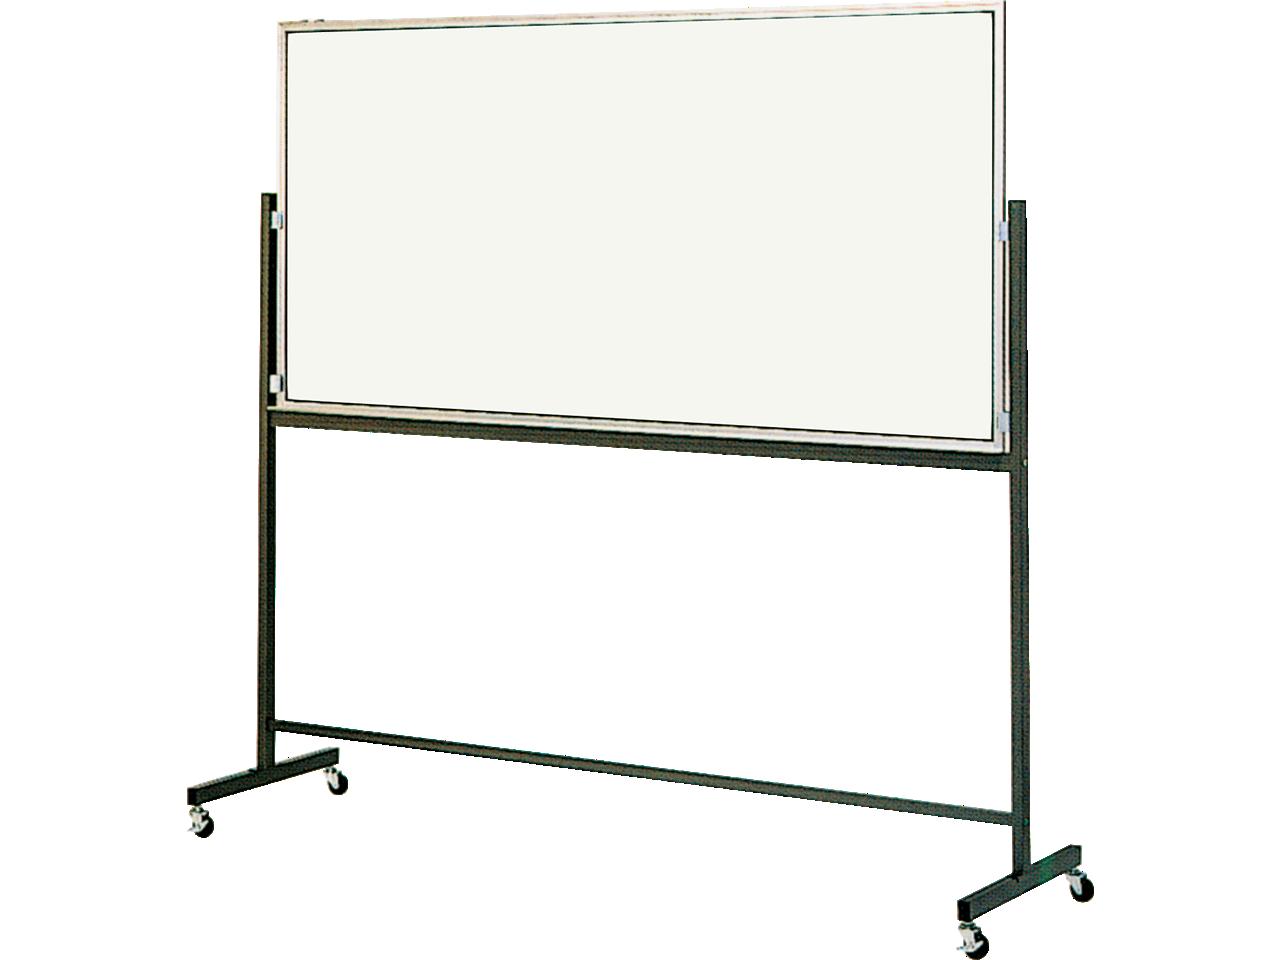 黒板・ホワイトボード 移動式ボード(片面固定脚付)